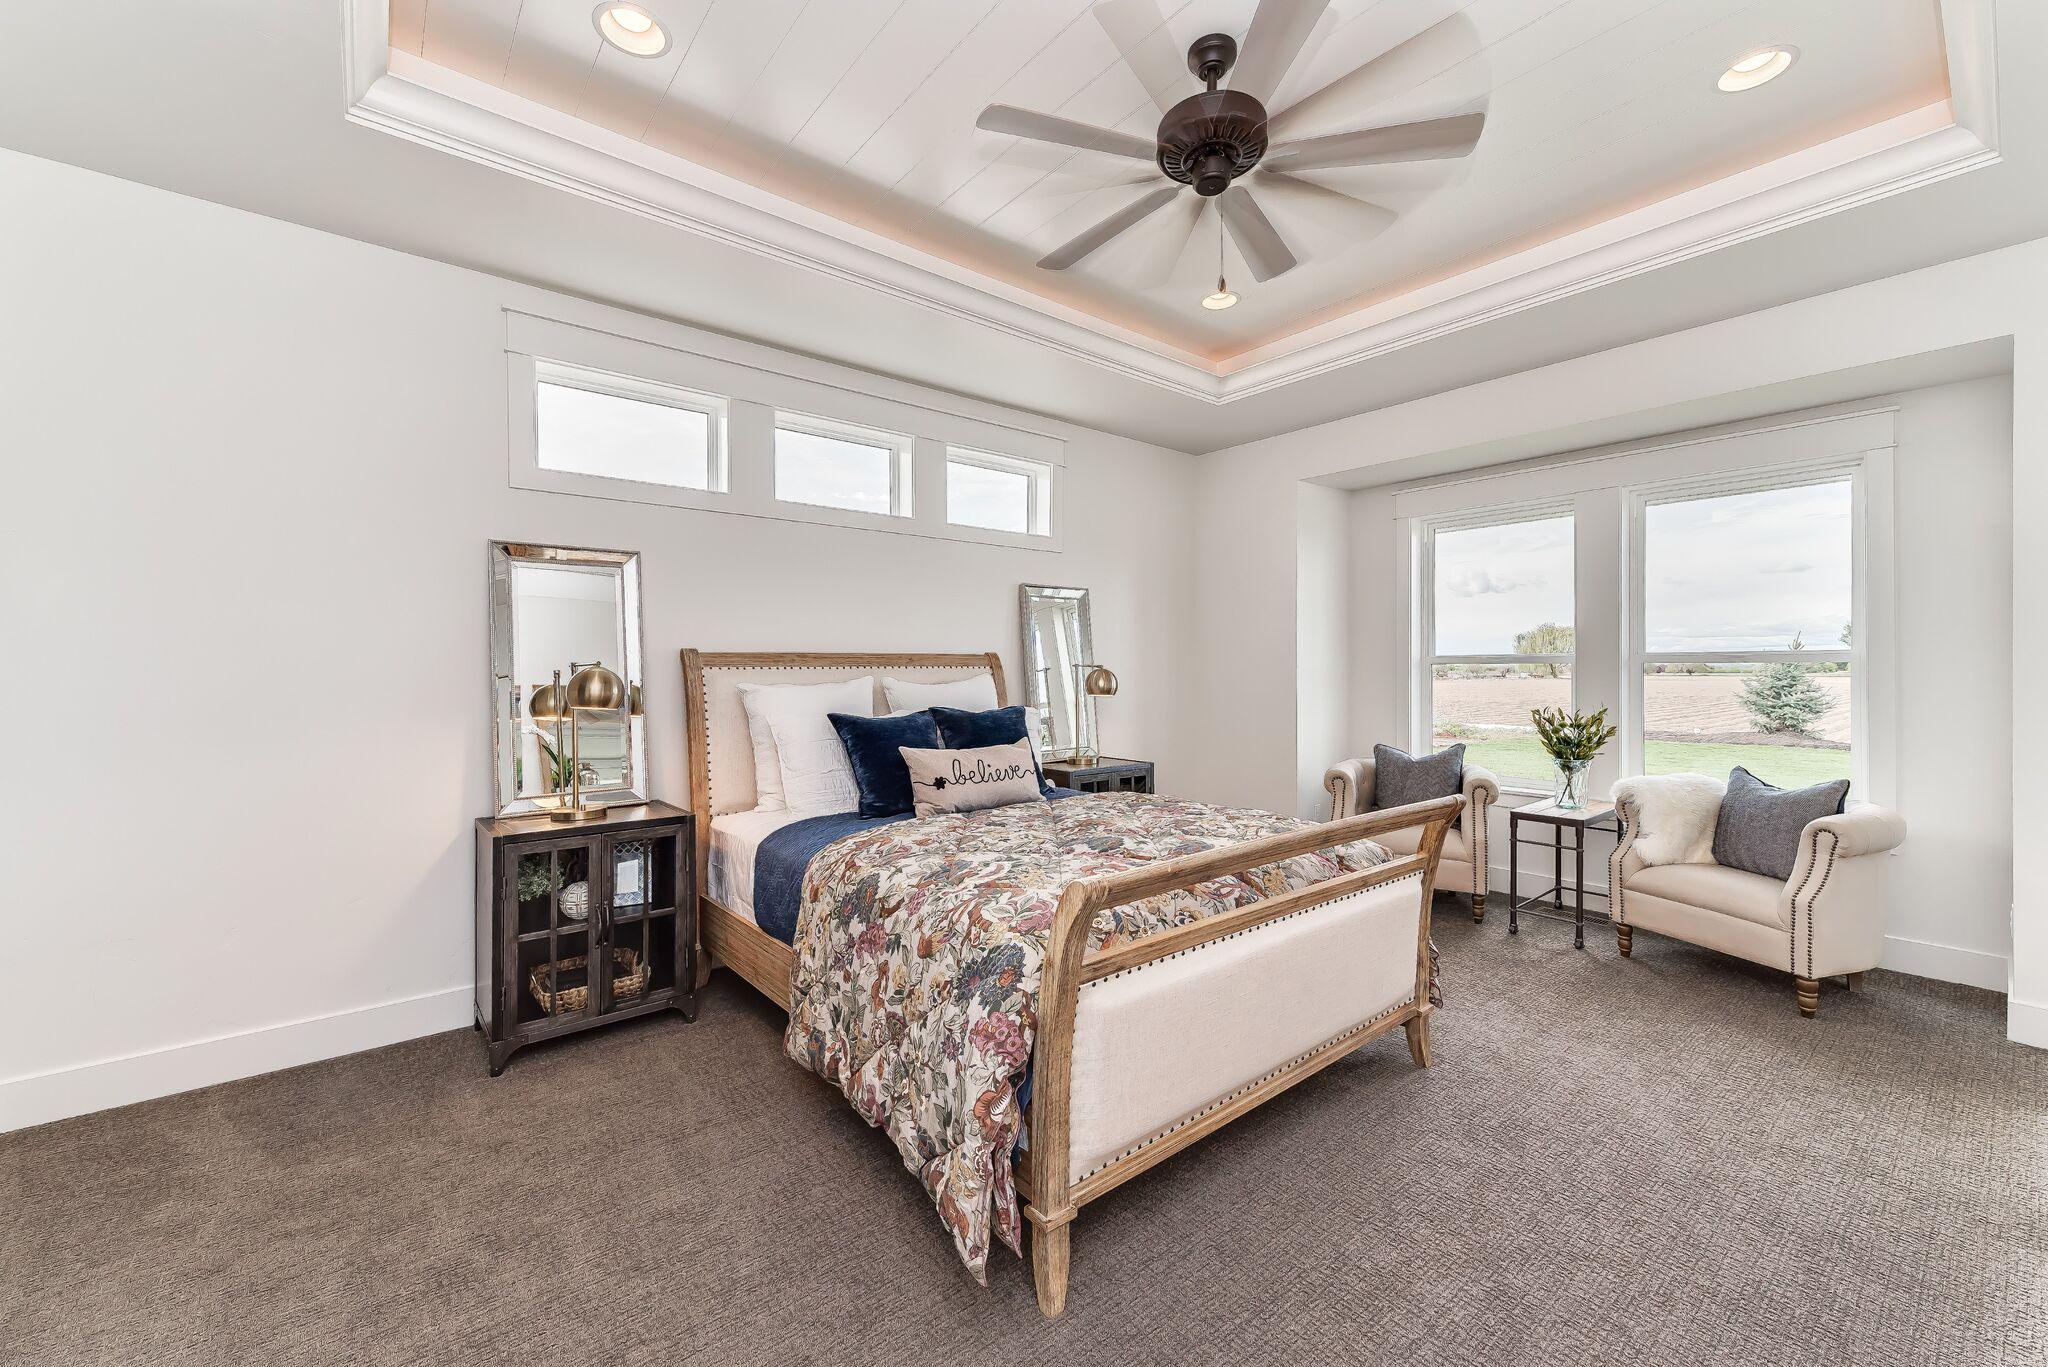 036_Master Bedroom.jpg